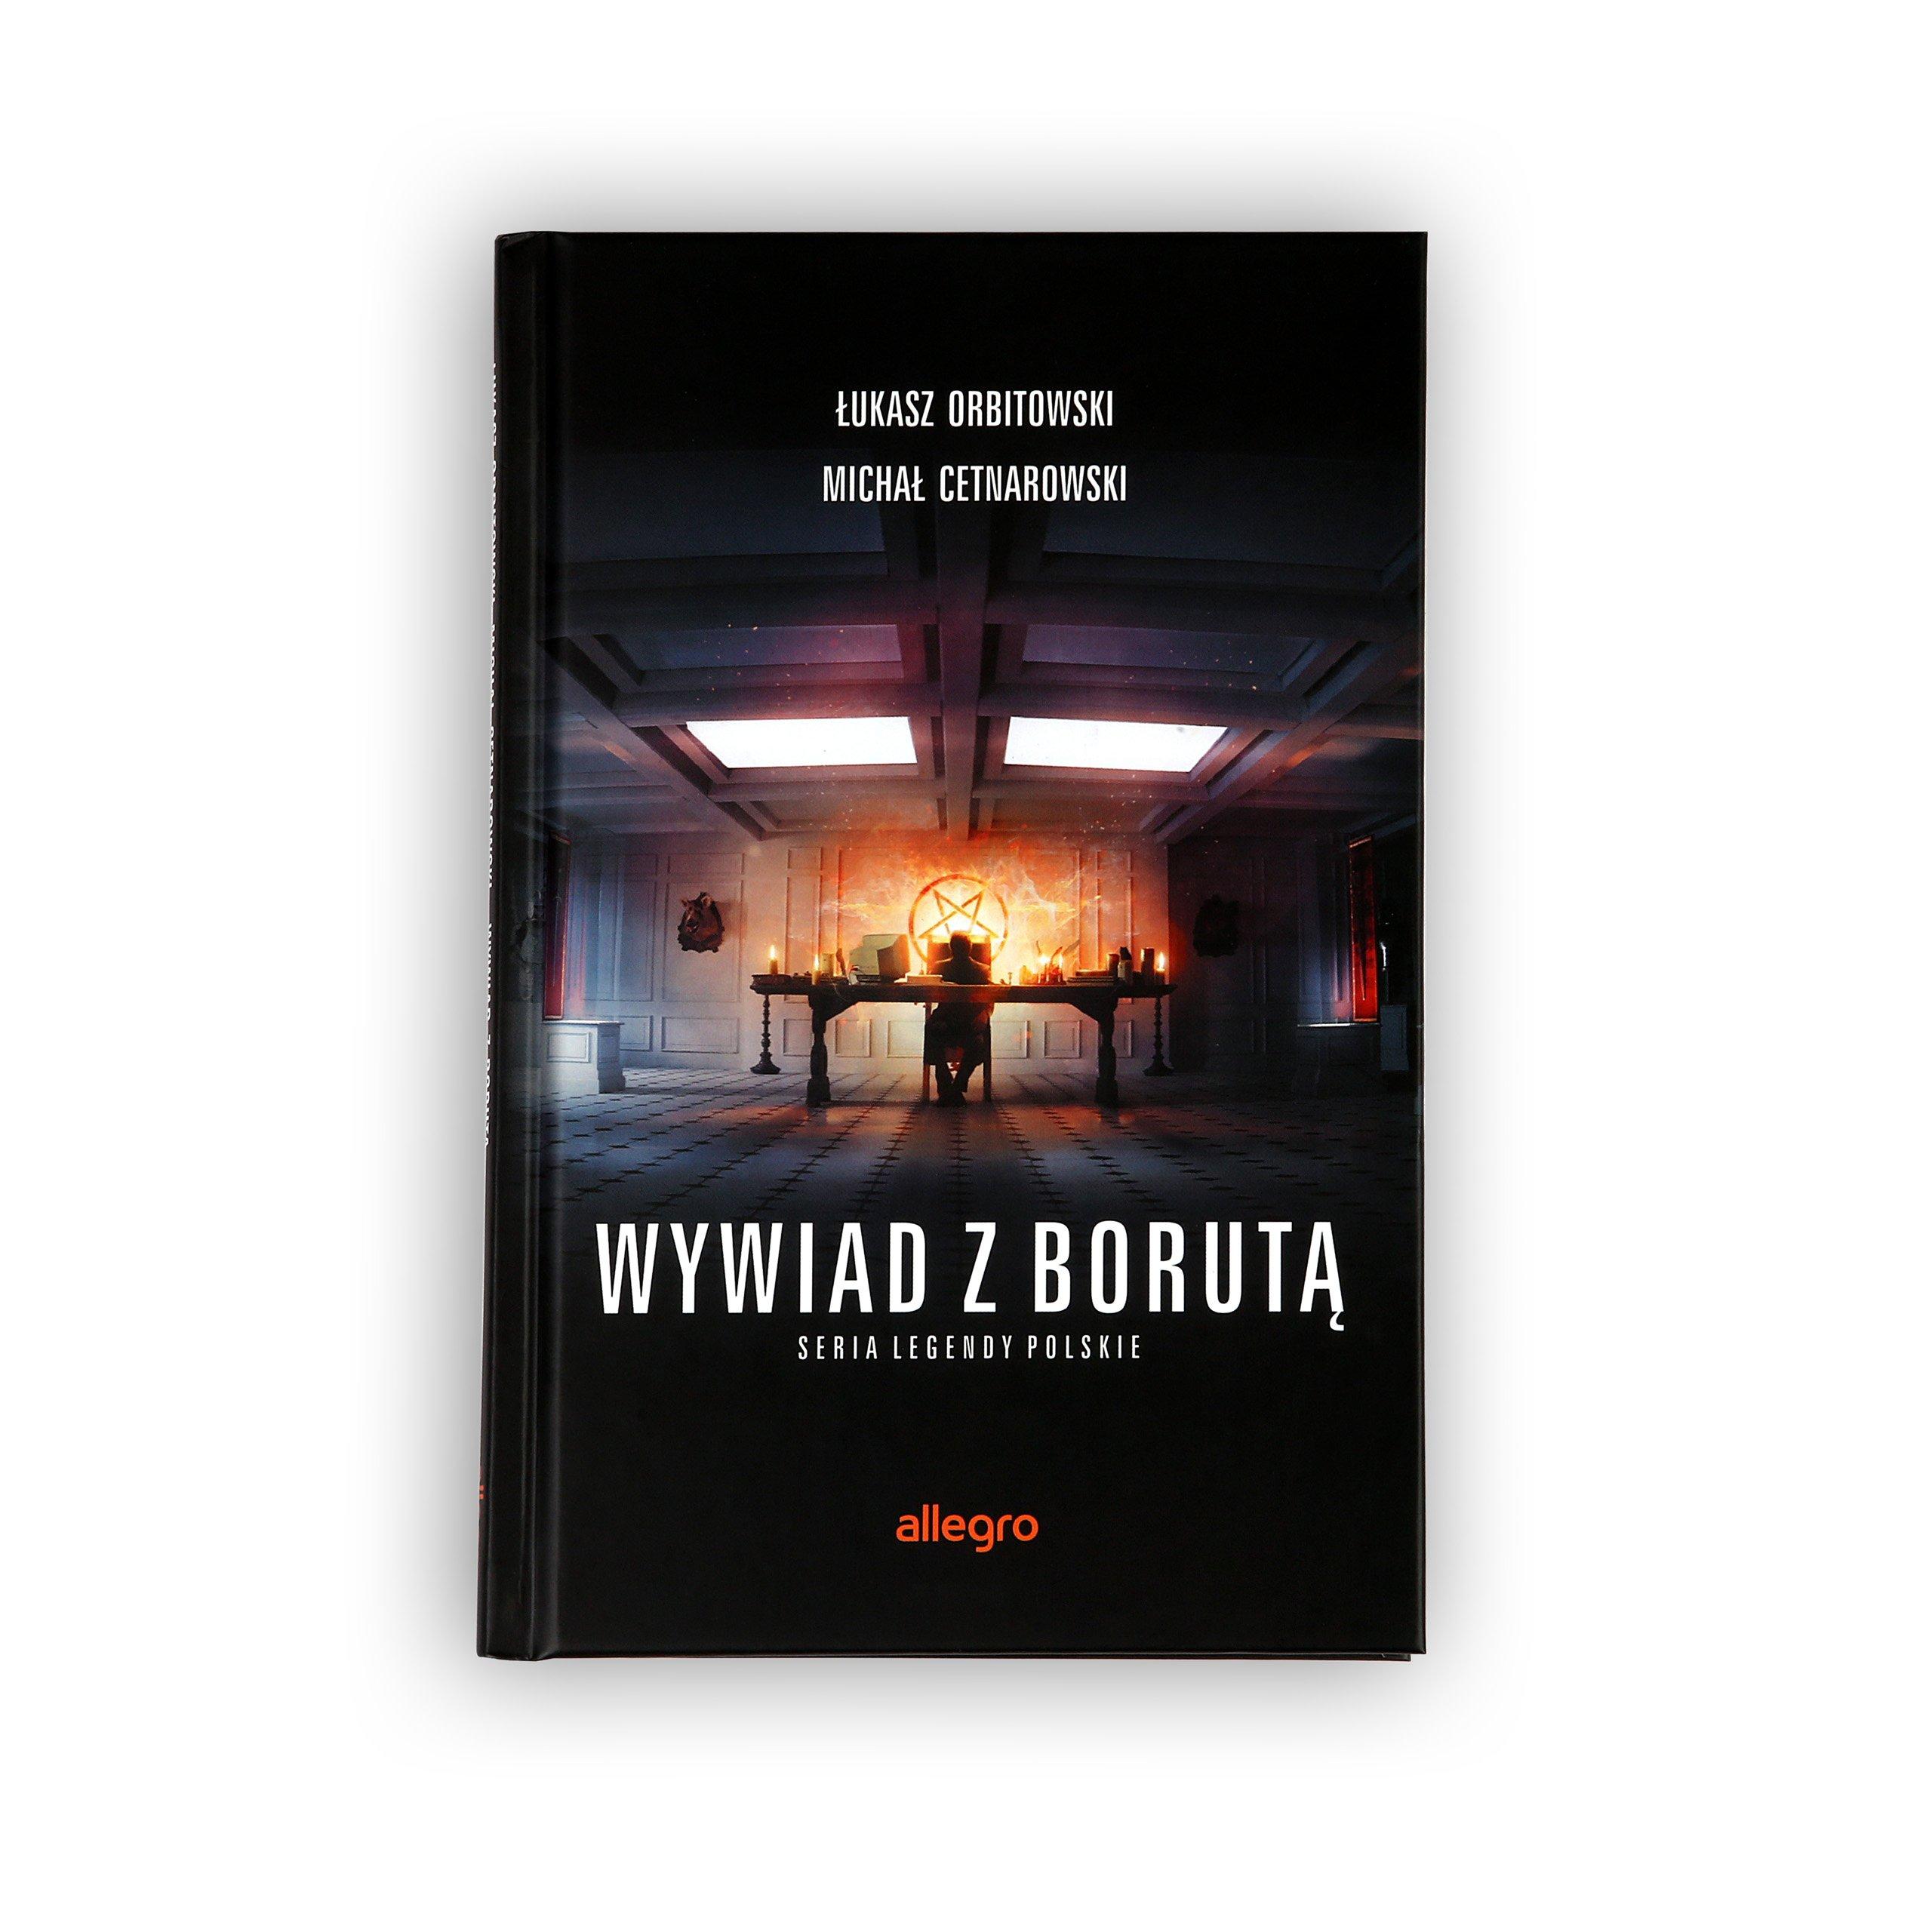 Wywiad Z Boruta Legendy Polskie 59 Zl Allegro Pl Raty 0 Darmowa Dostawa Ze Smart Poznan Stan Nowy Id Oferty 7357816703